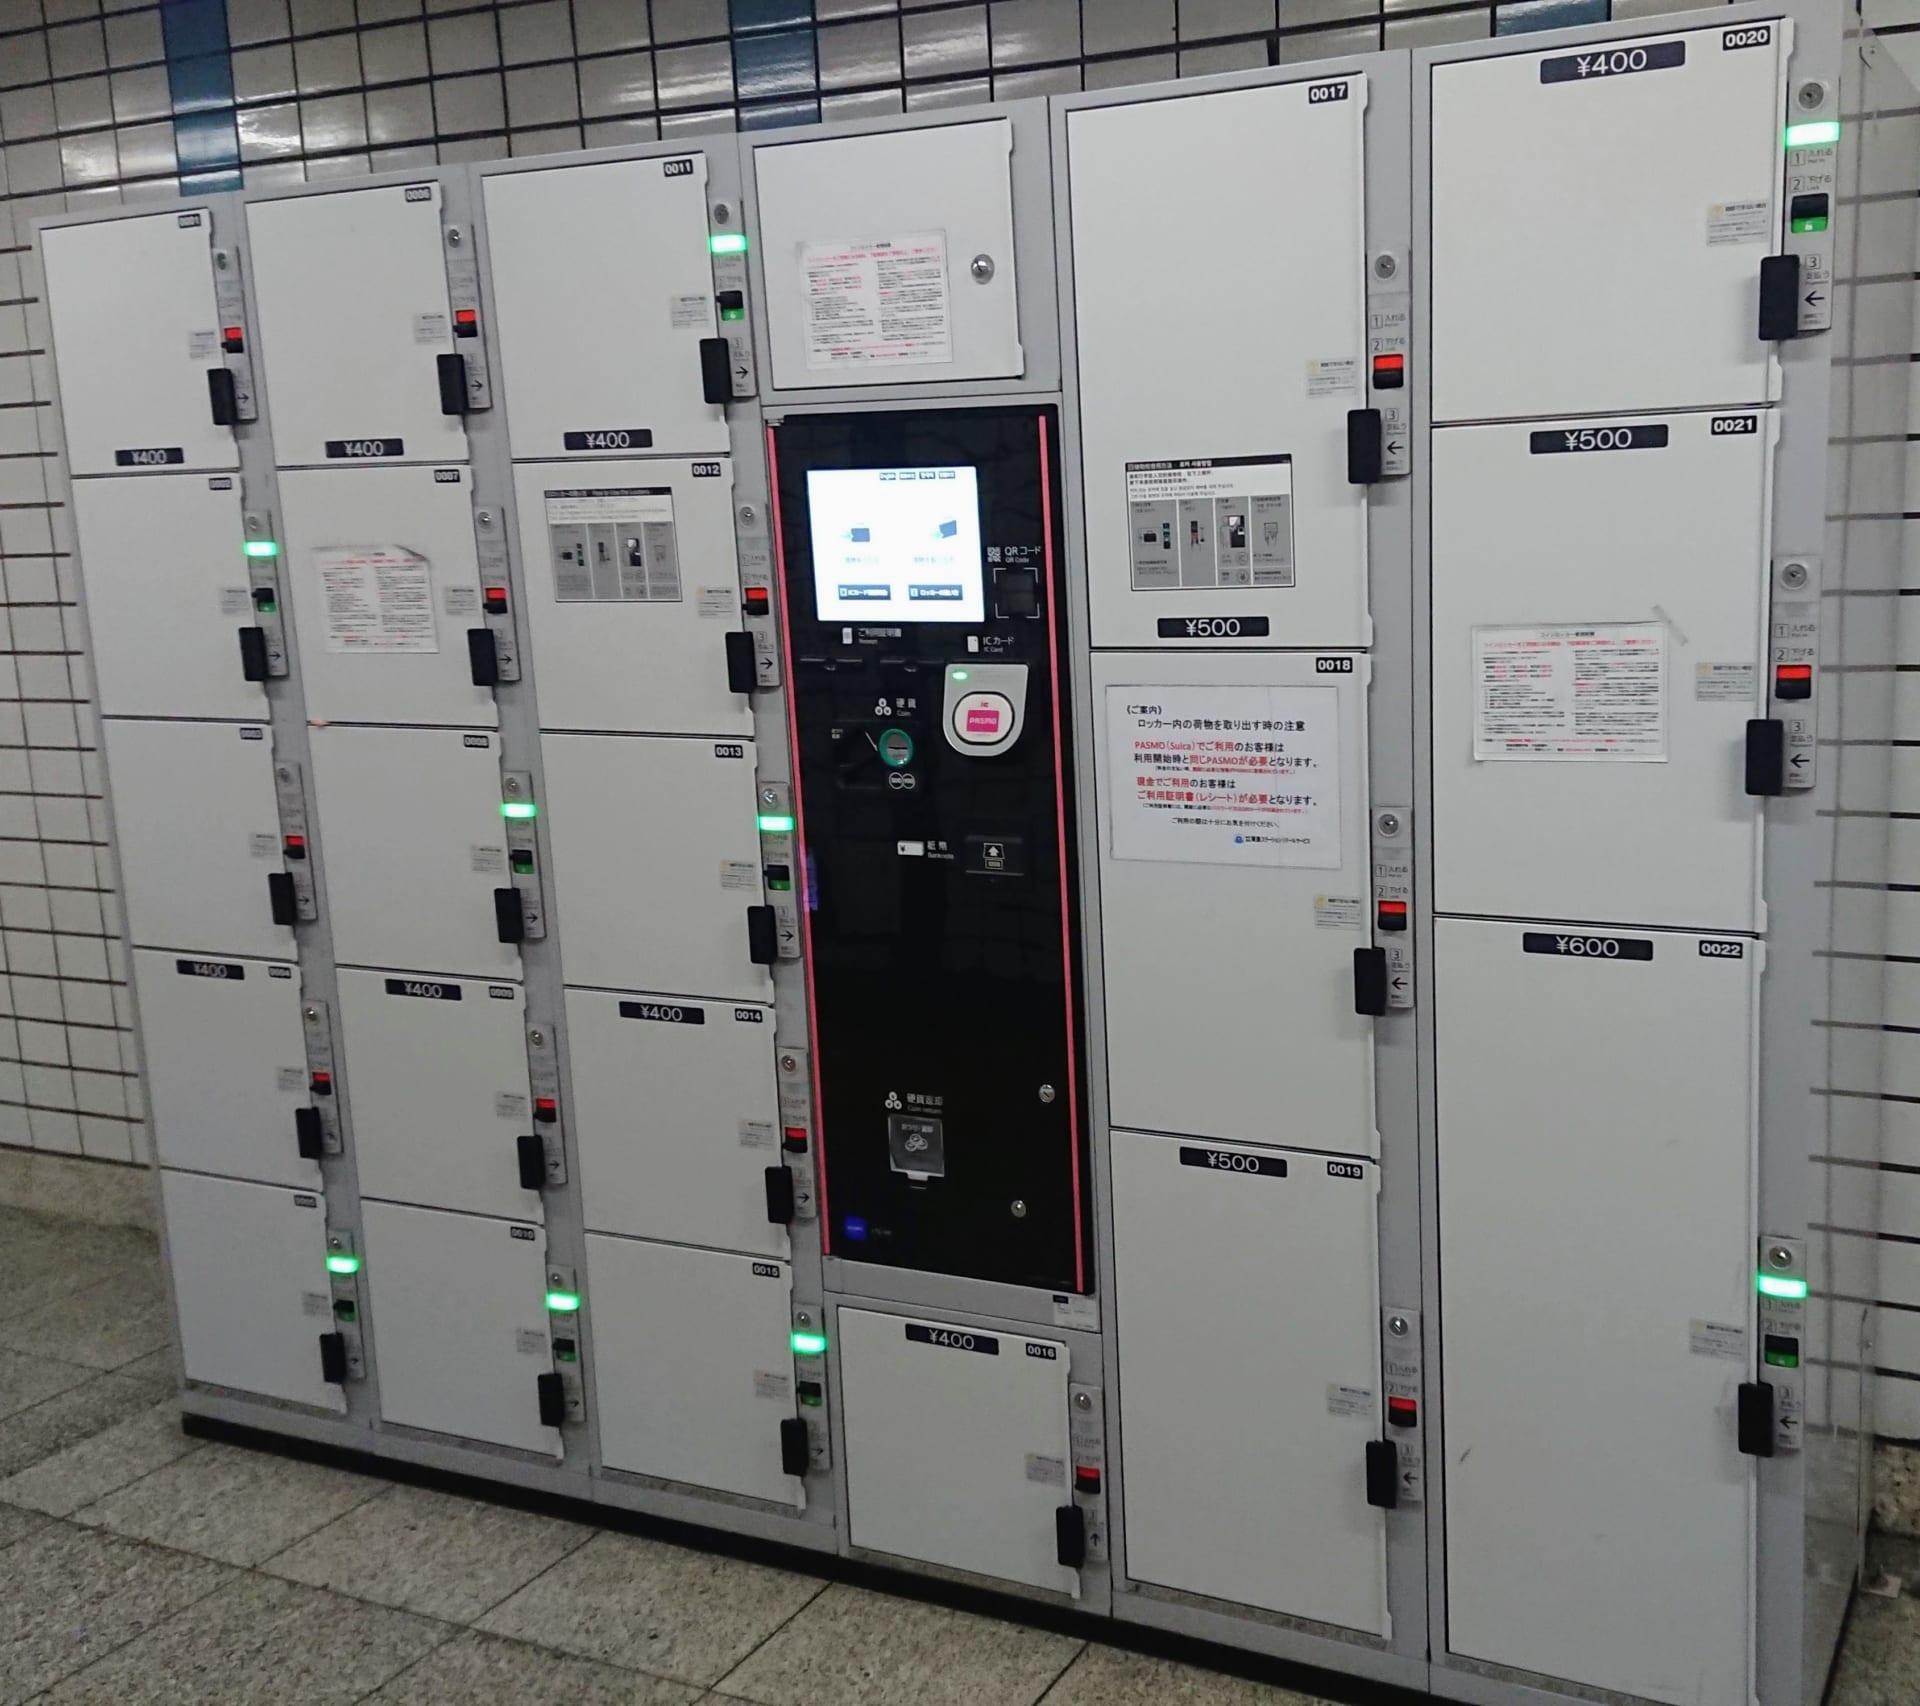 東急田園都市線用賀駅の新しいコインロッカー情報(注意事項 ...